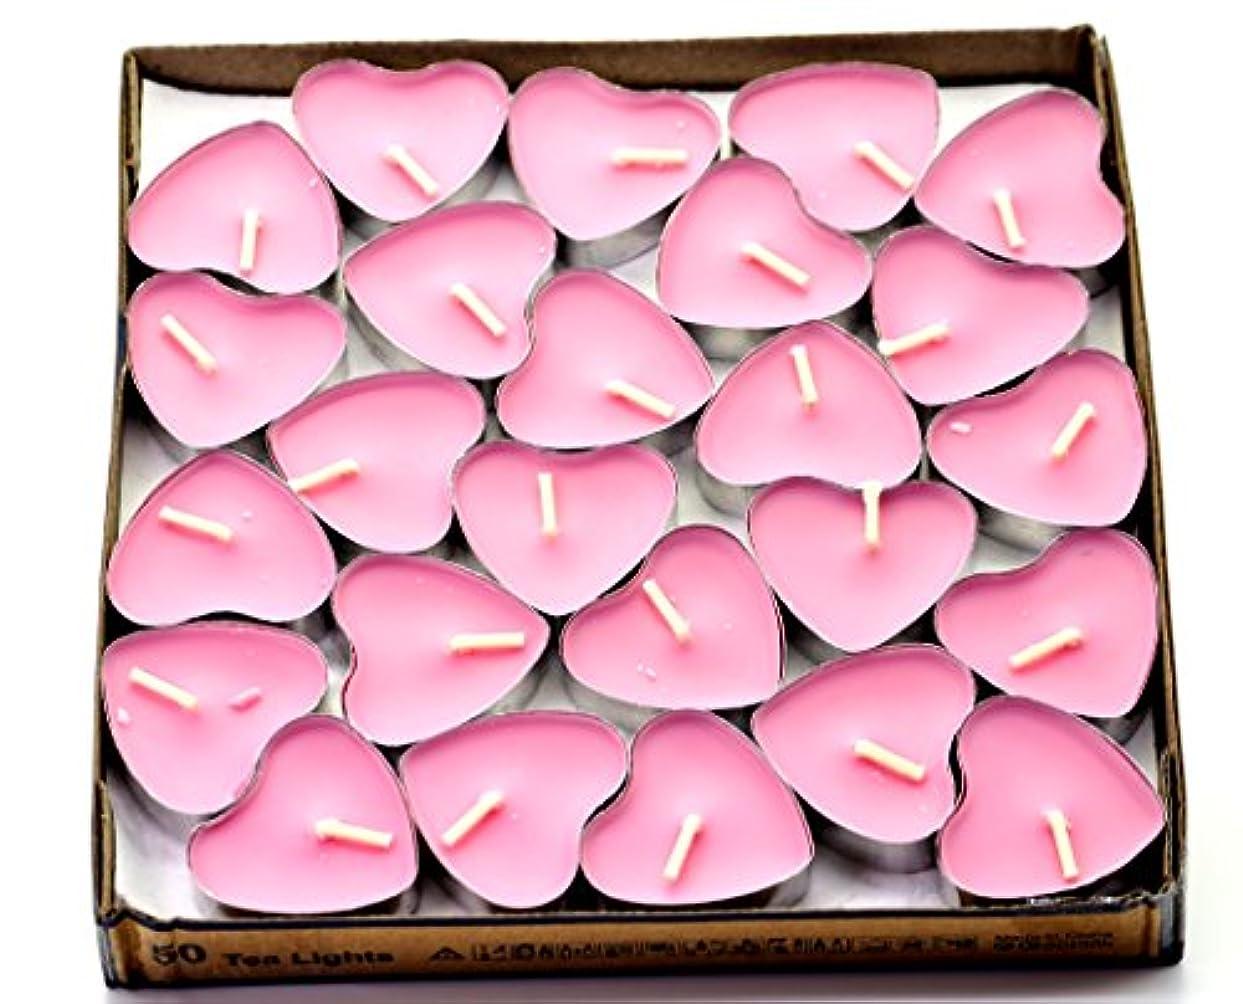 無許可不愉快斧(Pink(rose)) - Creationtop Scented Candles Tea Lights Mini Hearts Home Decor Aroma Candles Set of 50 pcs mini...